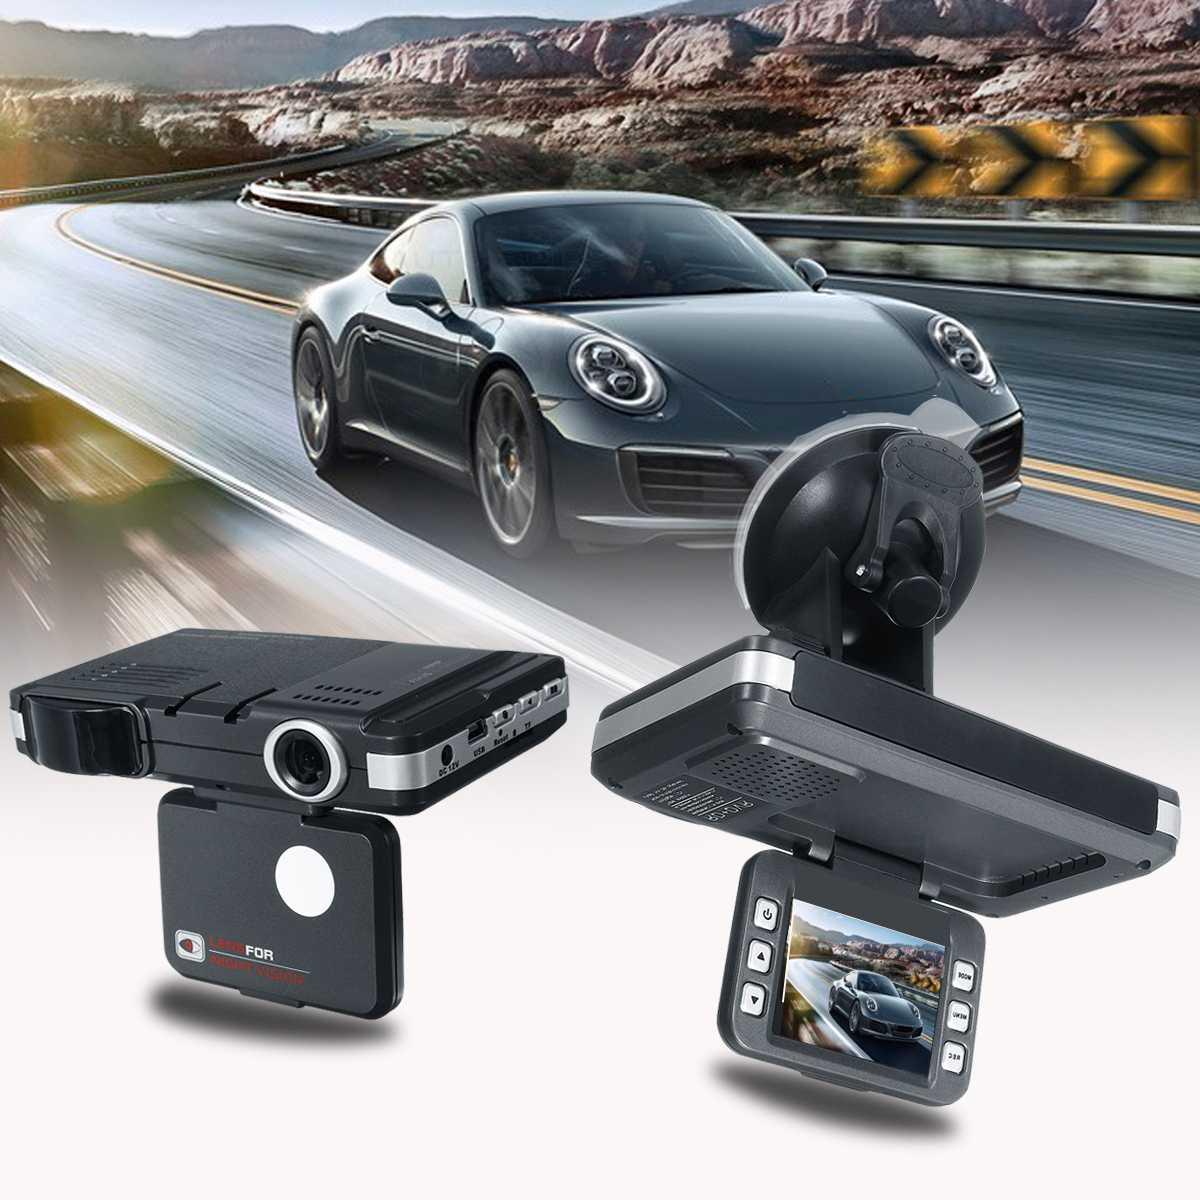 Как правильно выбрать видеорегистратор виды регистраторов качество видео емкость АКБ